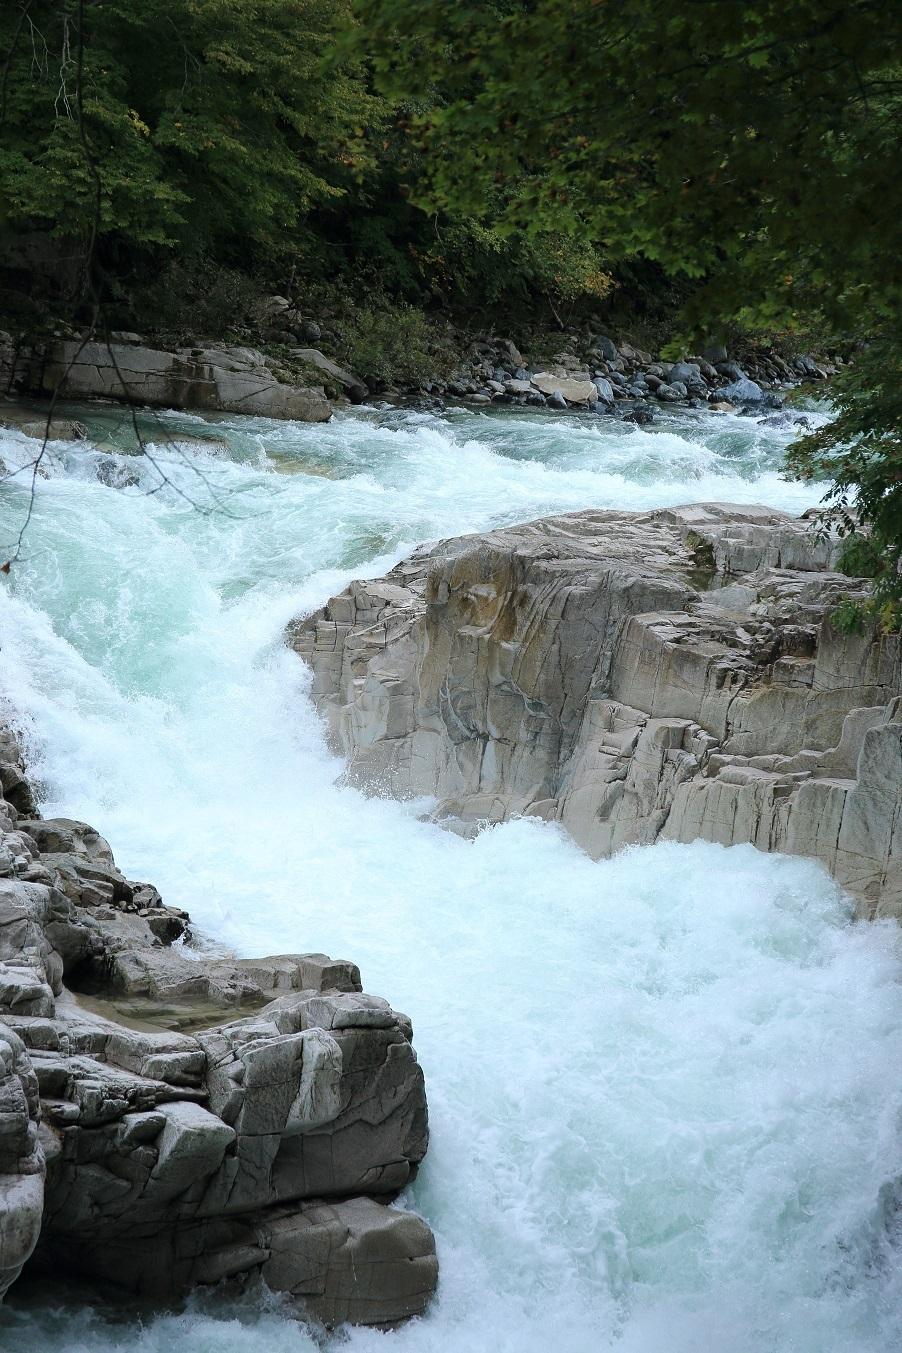 ブログ スゴイ水量 岩を砕く勢い.jpg